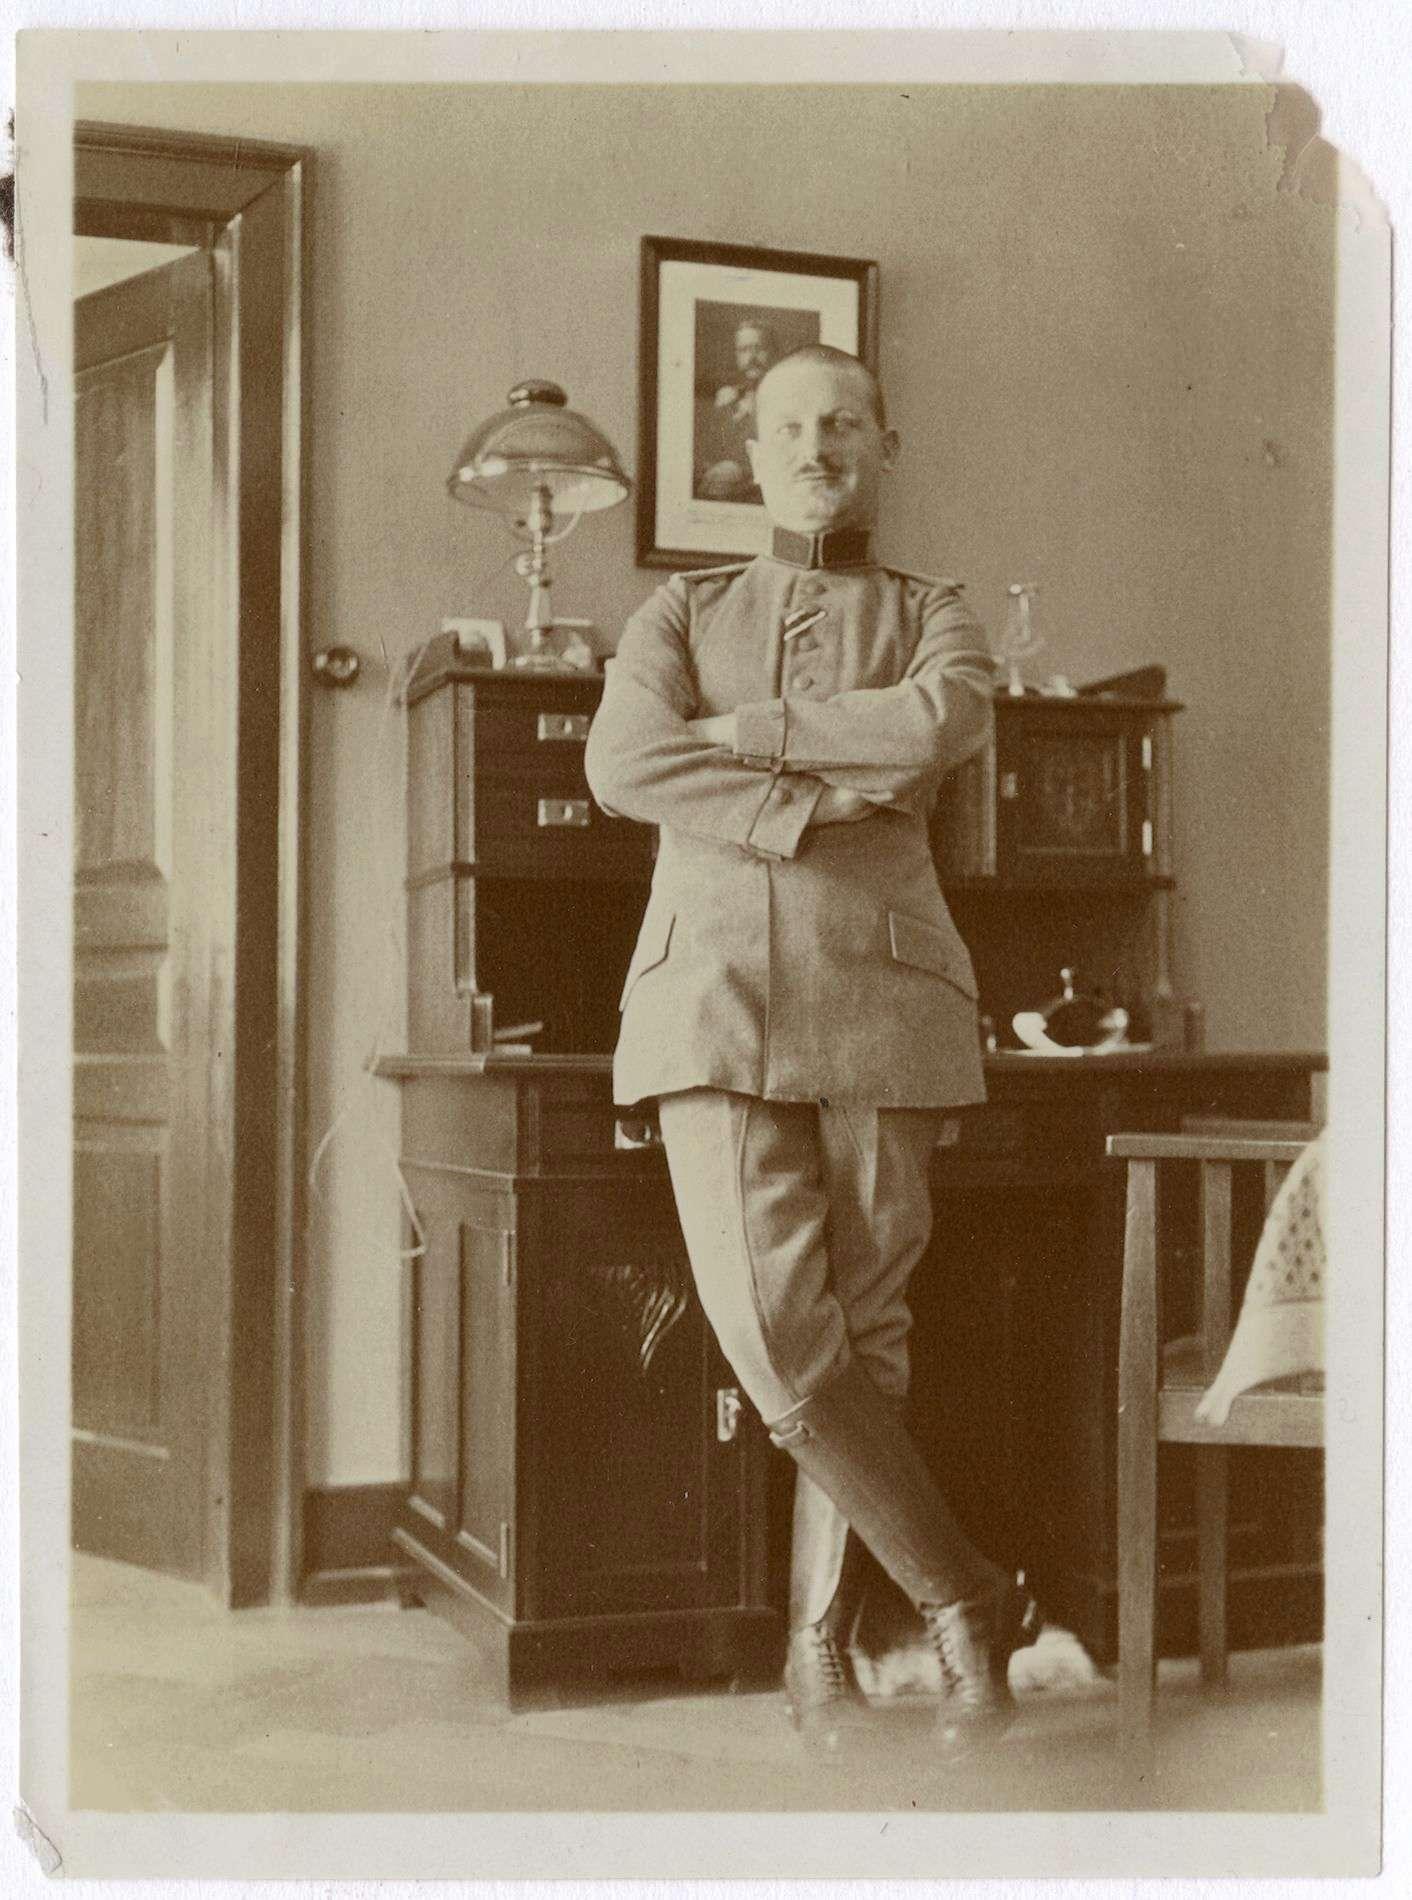 Schaefer, Gabriel, Bild 2